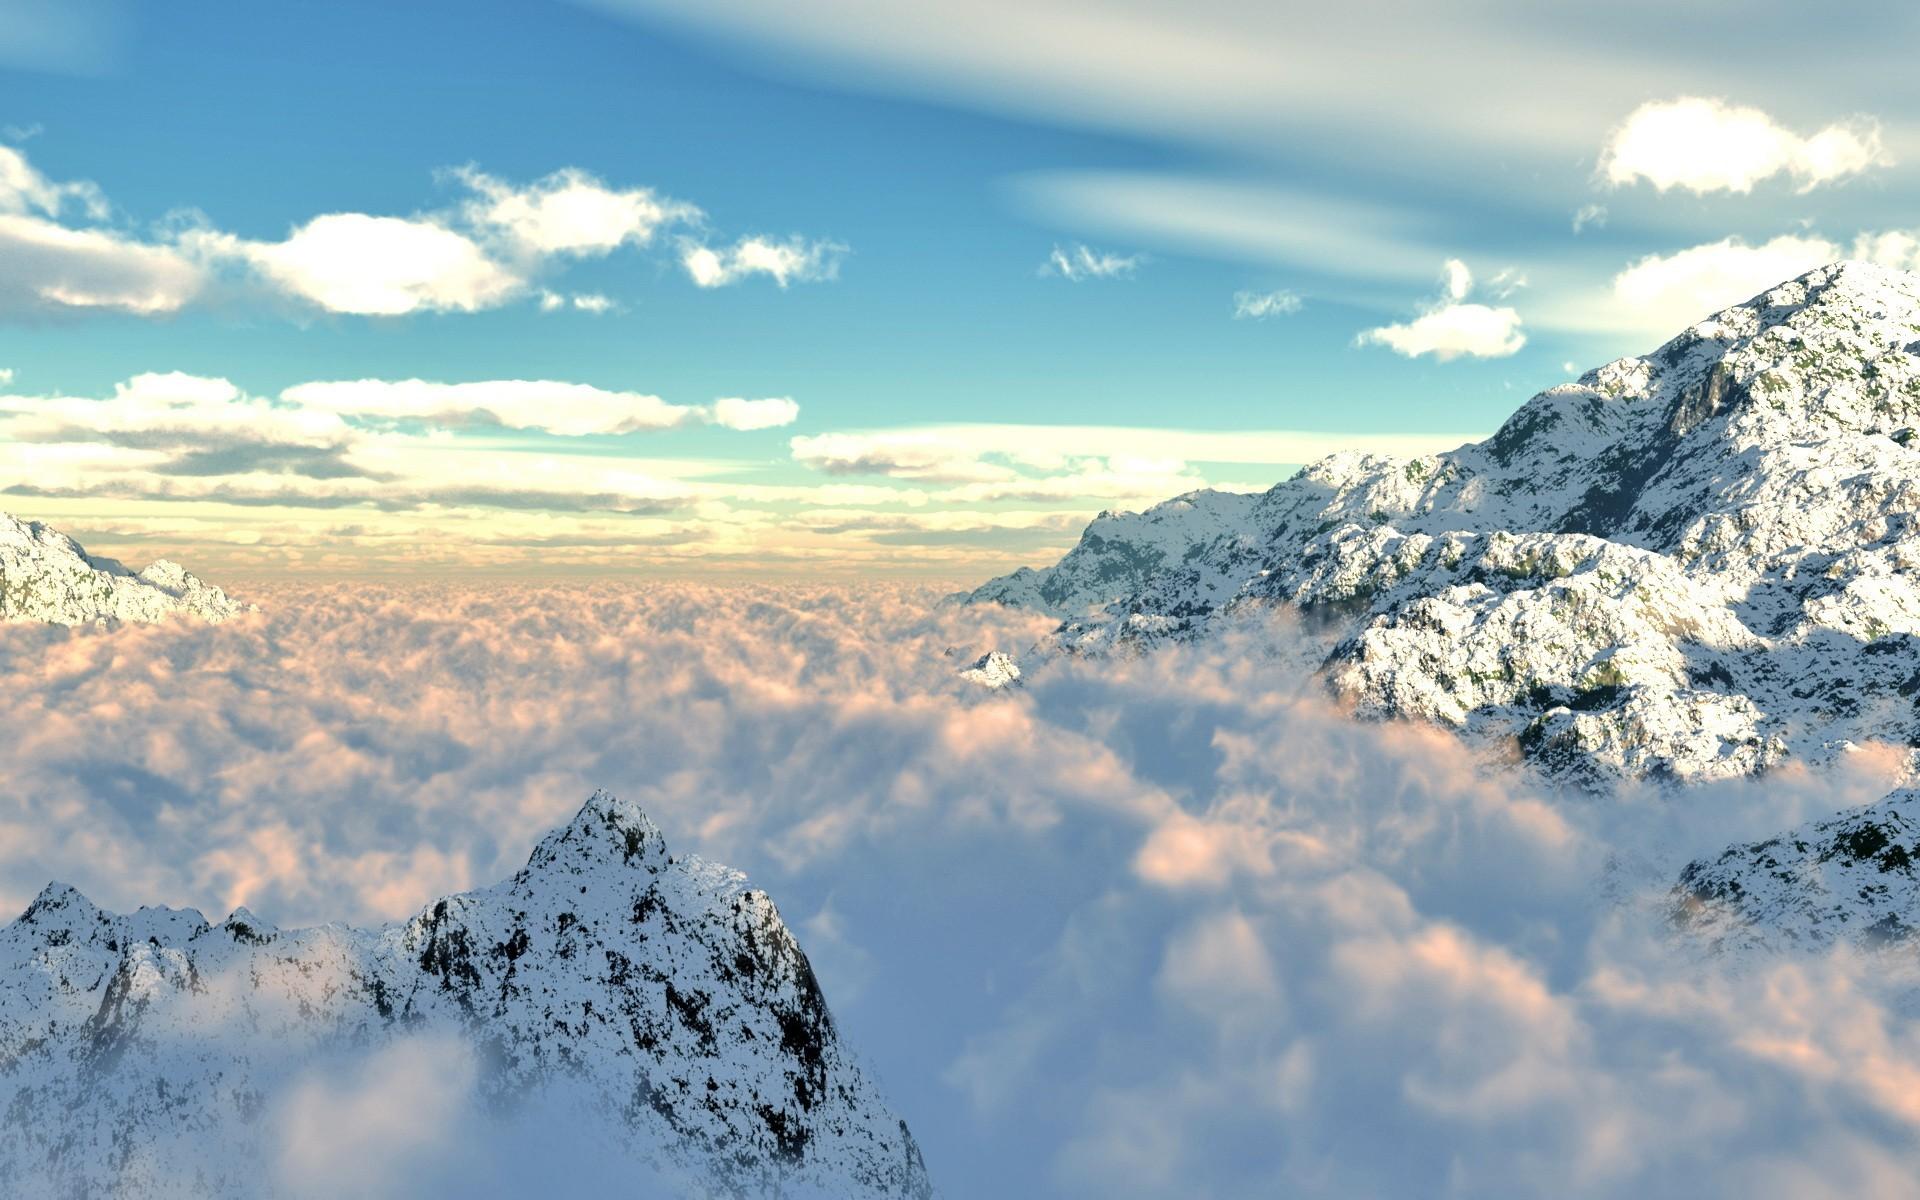 Горы, небо, лес, облака, камни  № 3240810 без смс